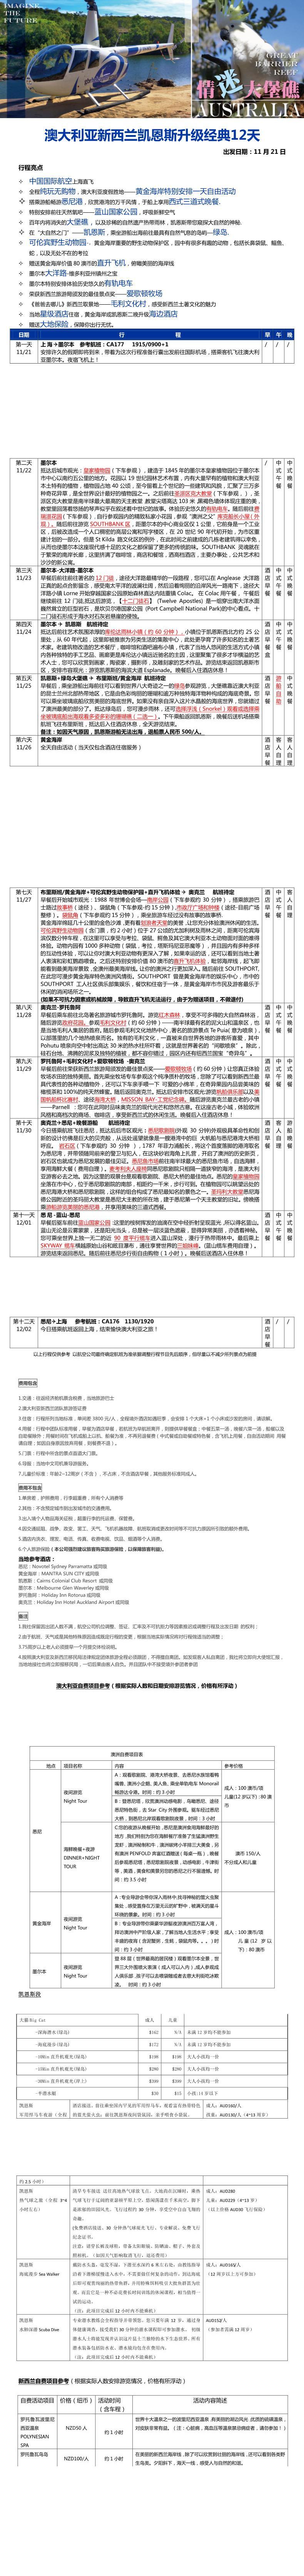 威海南京飞机时刻表